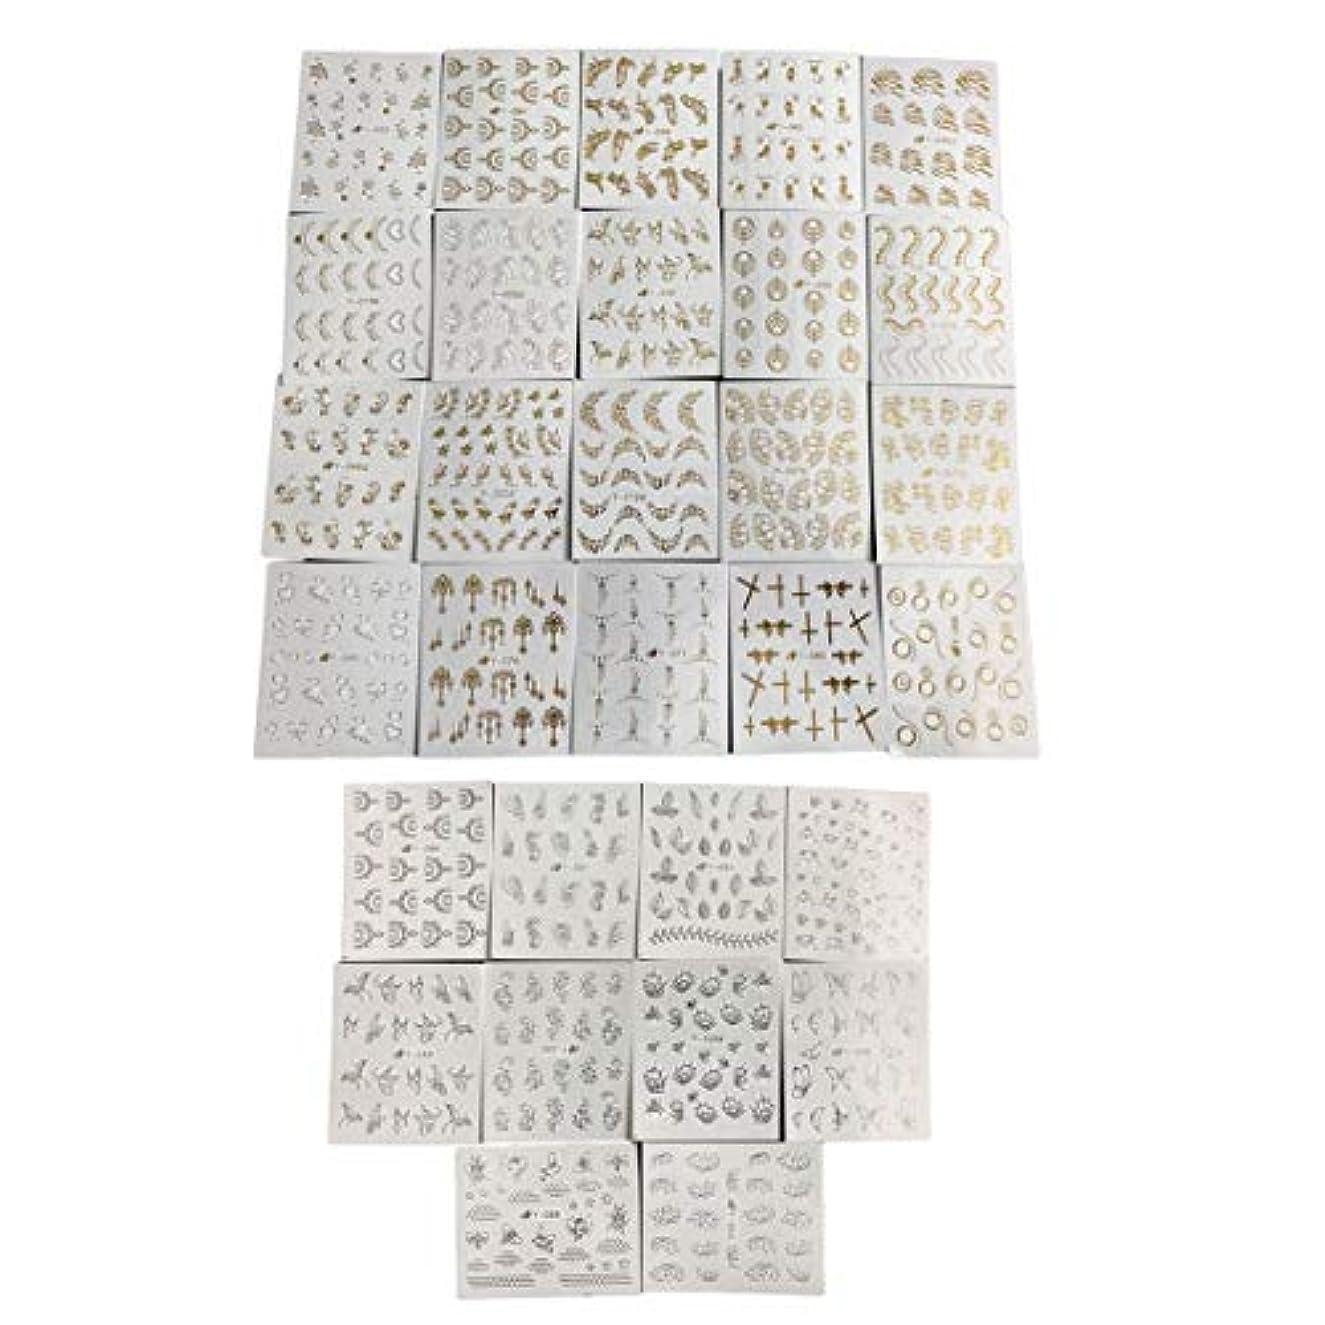 人道的切断する規則性フルビューティー30ピースゴールドシルバーネーターウォーターステッパーフェザーフラワーデザインデカール用ネイルデコレーションネイルアートマニキュア